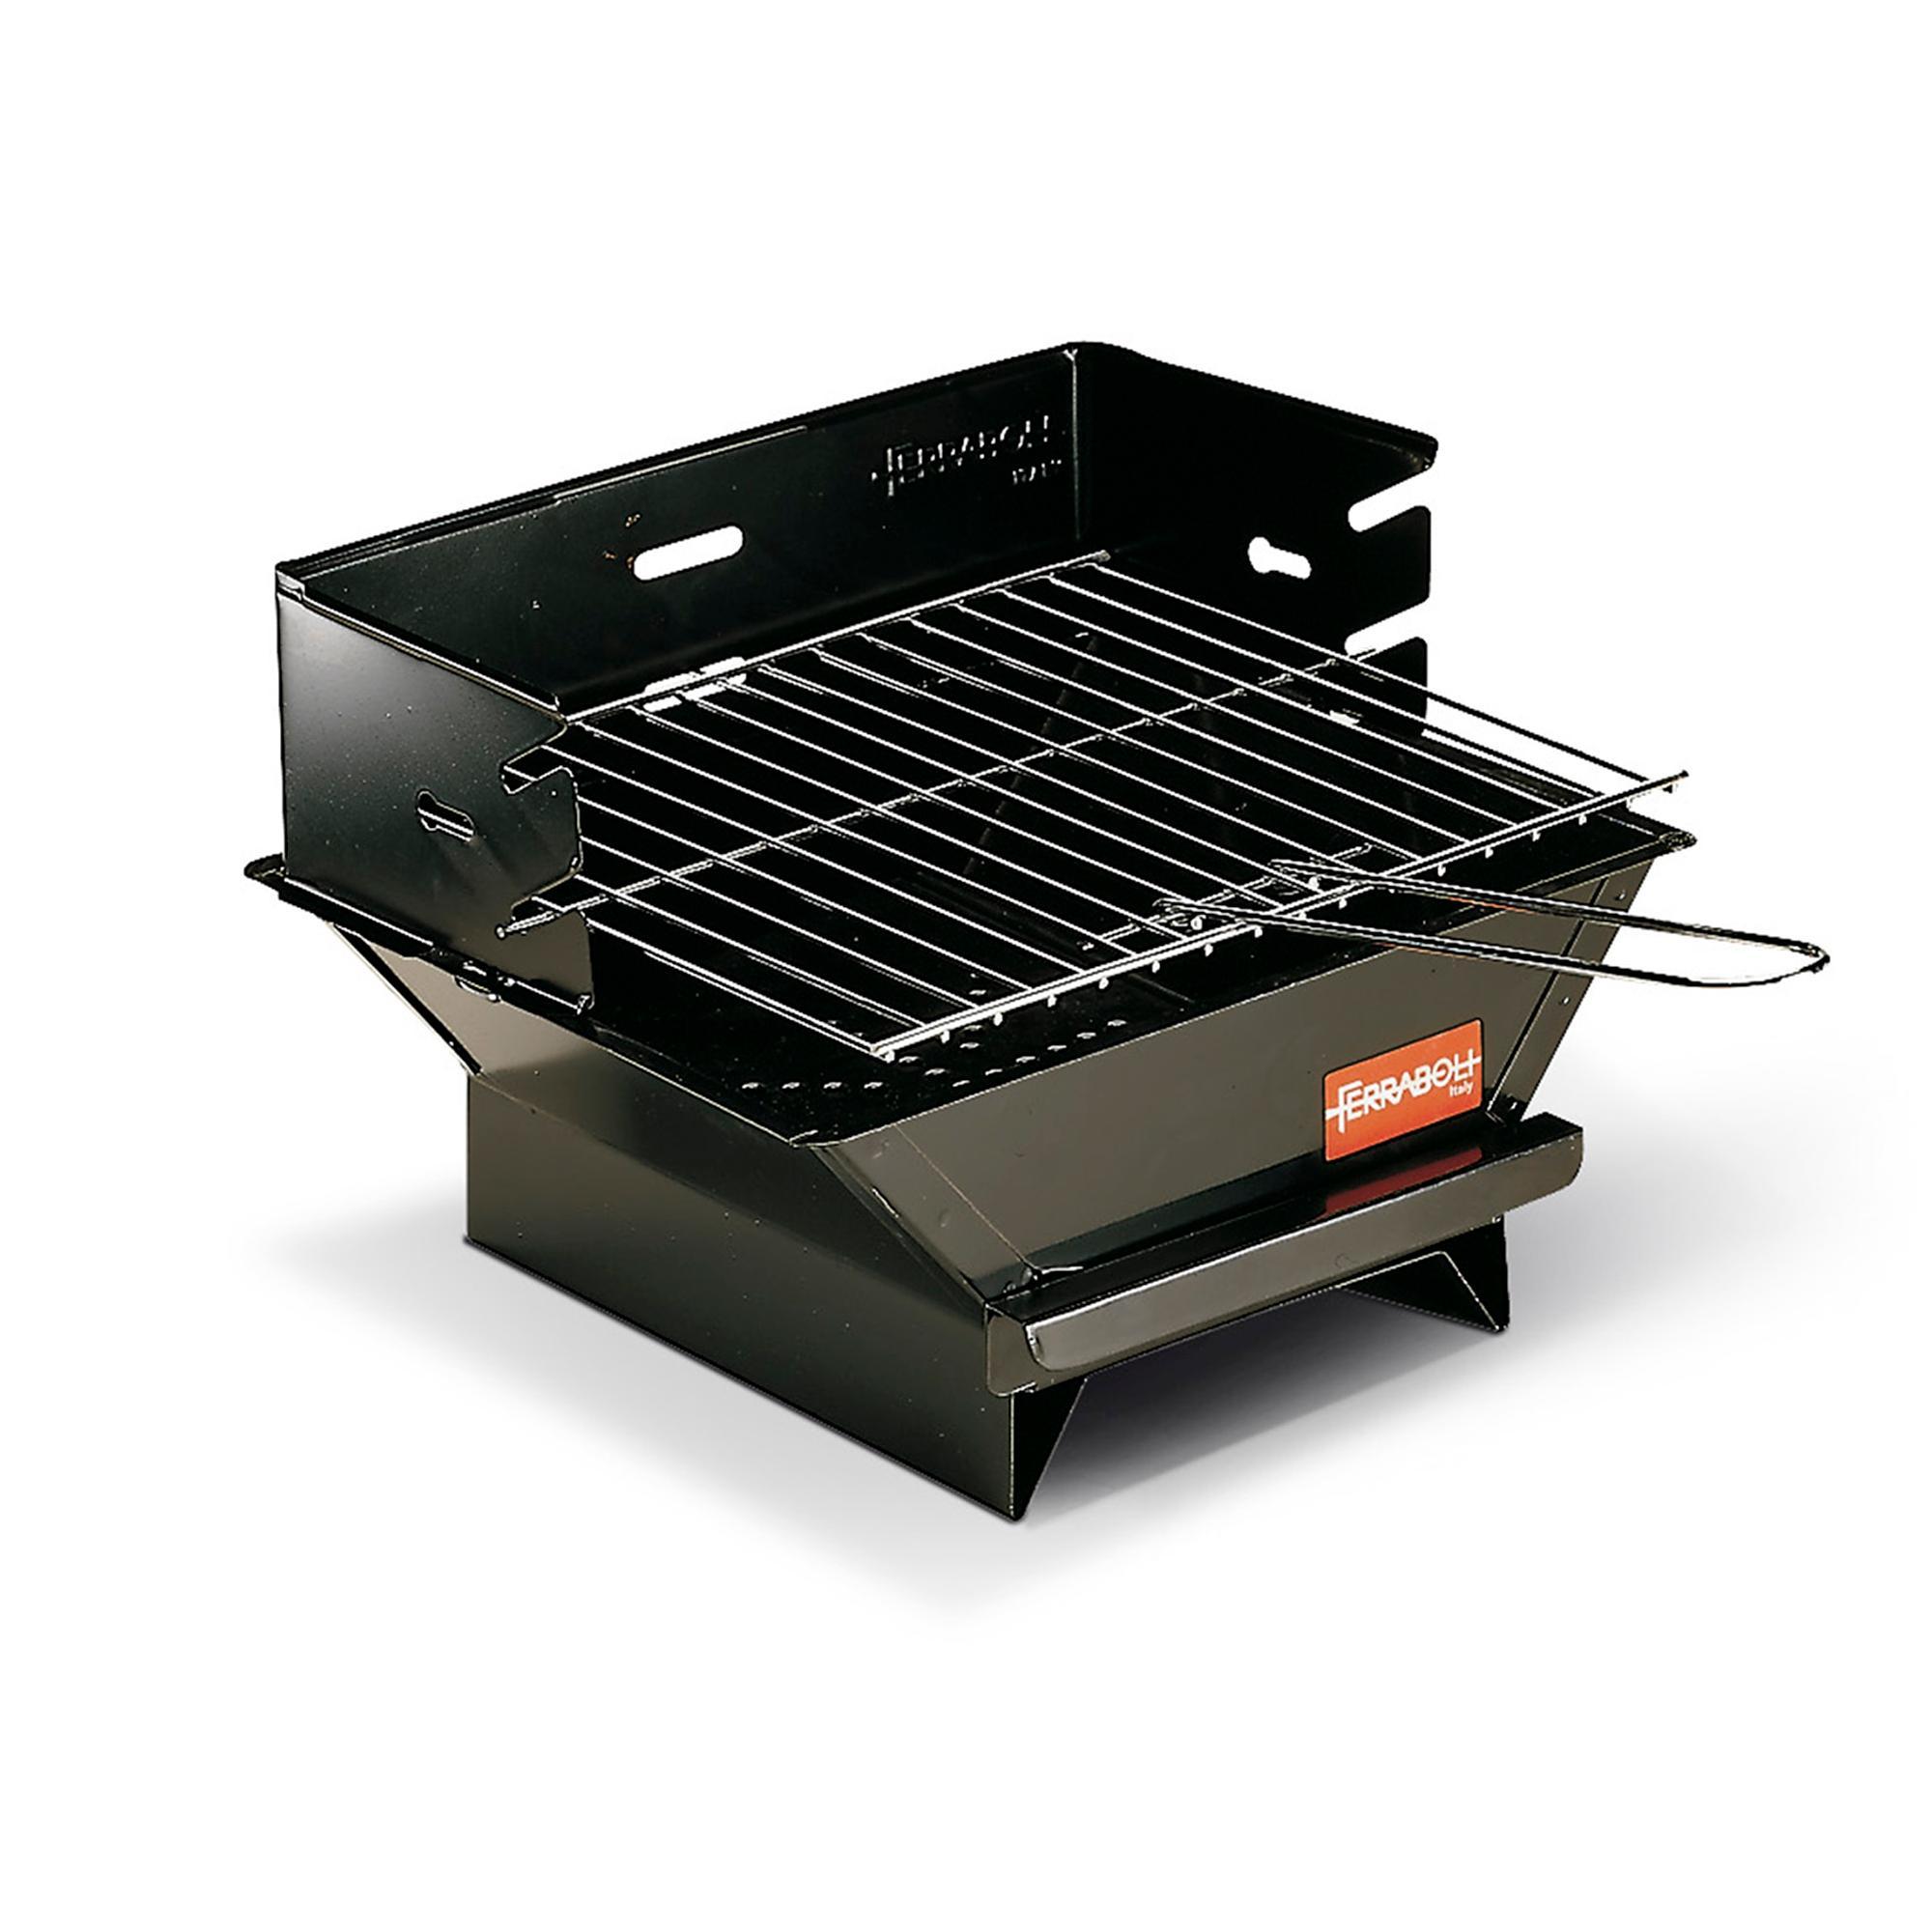 ferraboli barbecue a carbone minigrill 33x30xh22 cm pratico e maneggevole realizzato in lamiera verniciata, nero